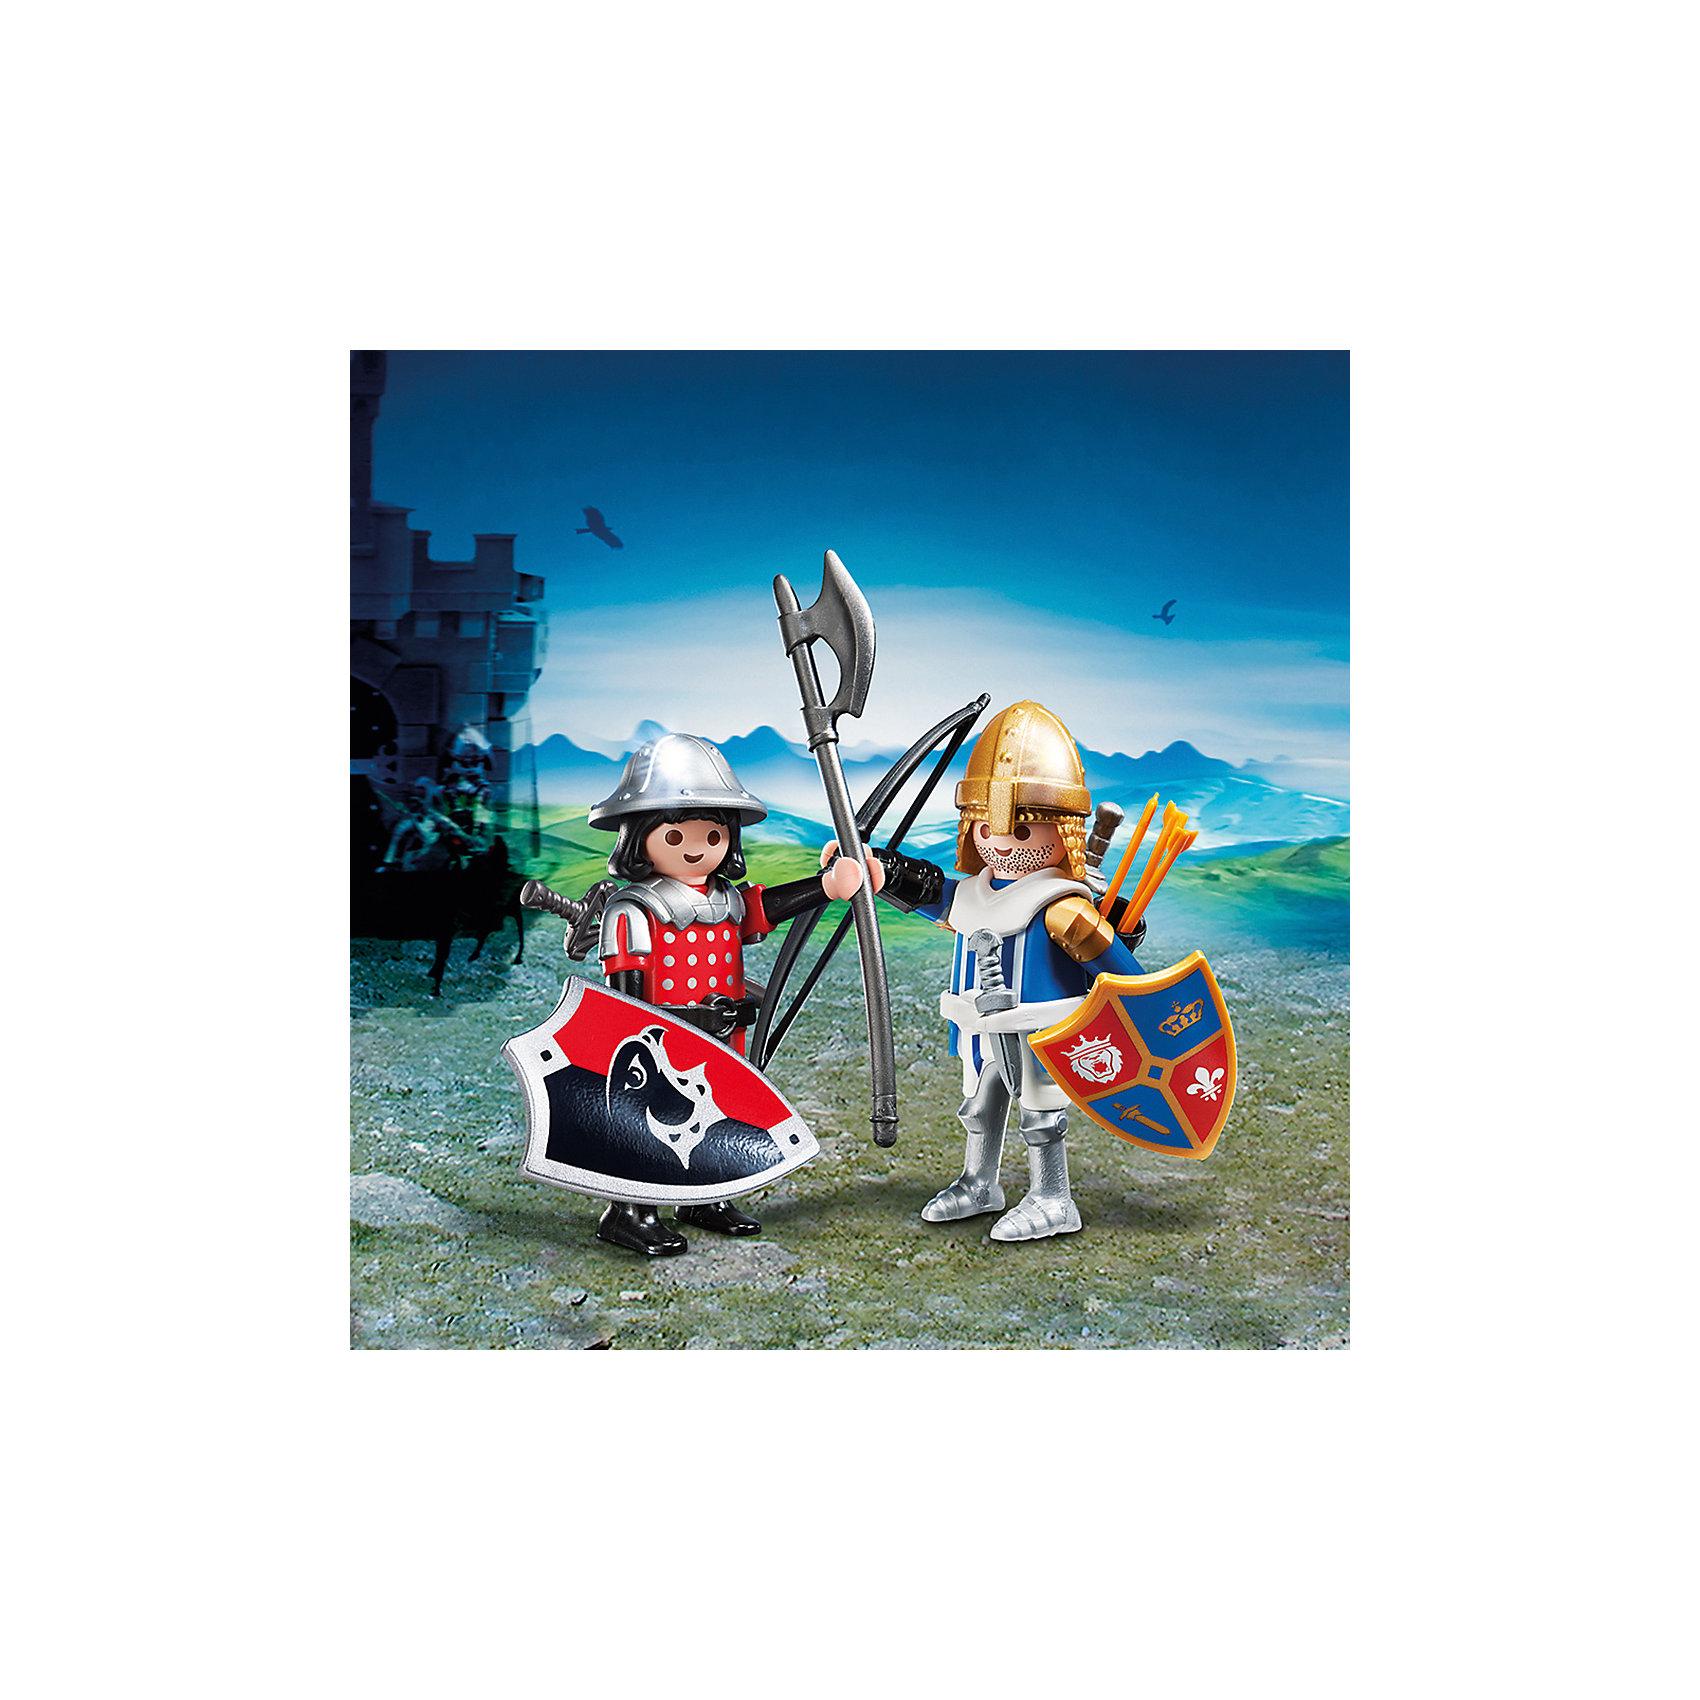 PLAYMOBIL® ДУО: Рыцари, PLAYMOBIL фигурки игрушки playmobil зоопарк стая фламинго